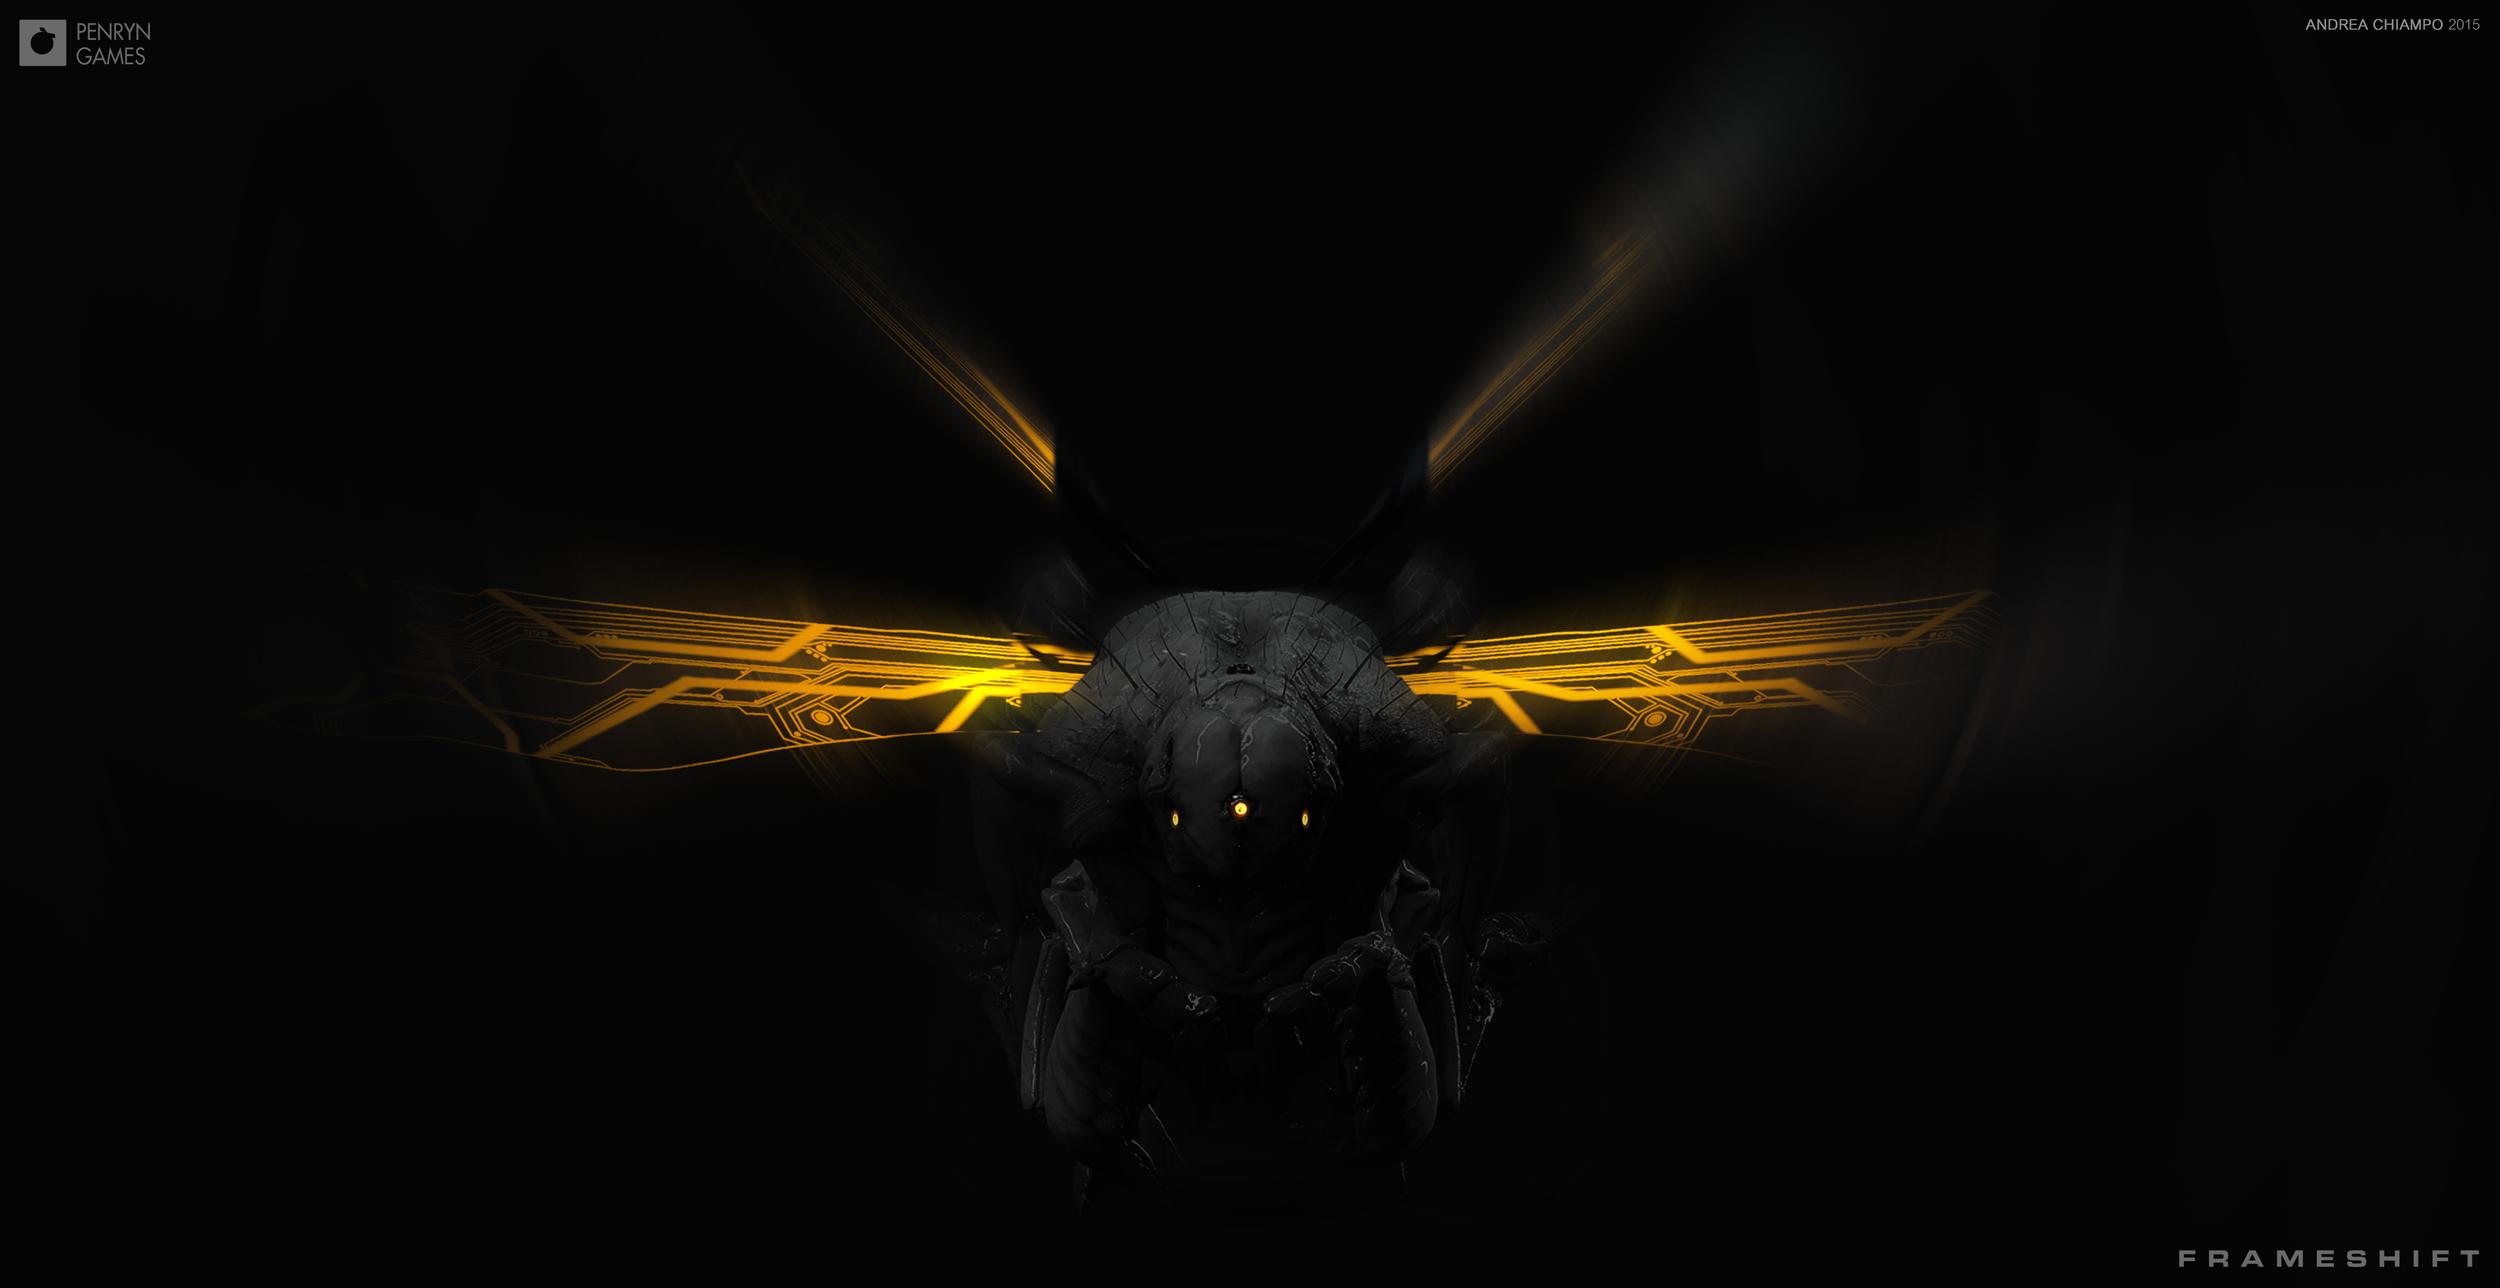 Flying Observer_FRONT VIEW_wings Light_TEASER.jpg